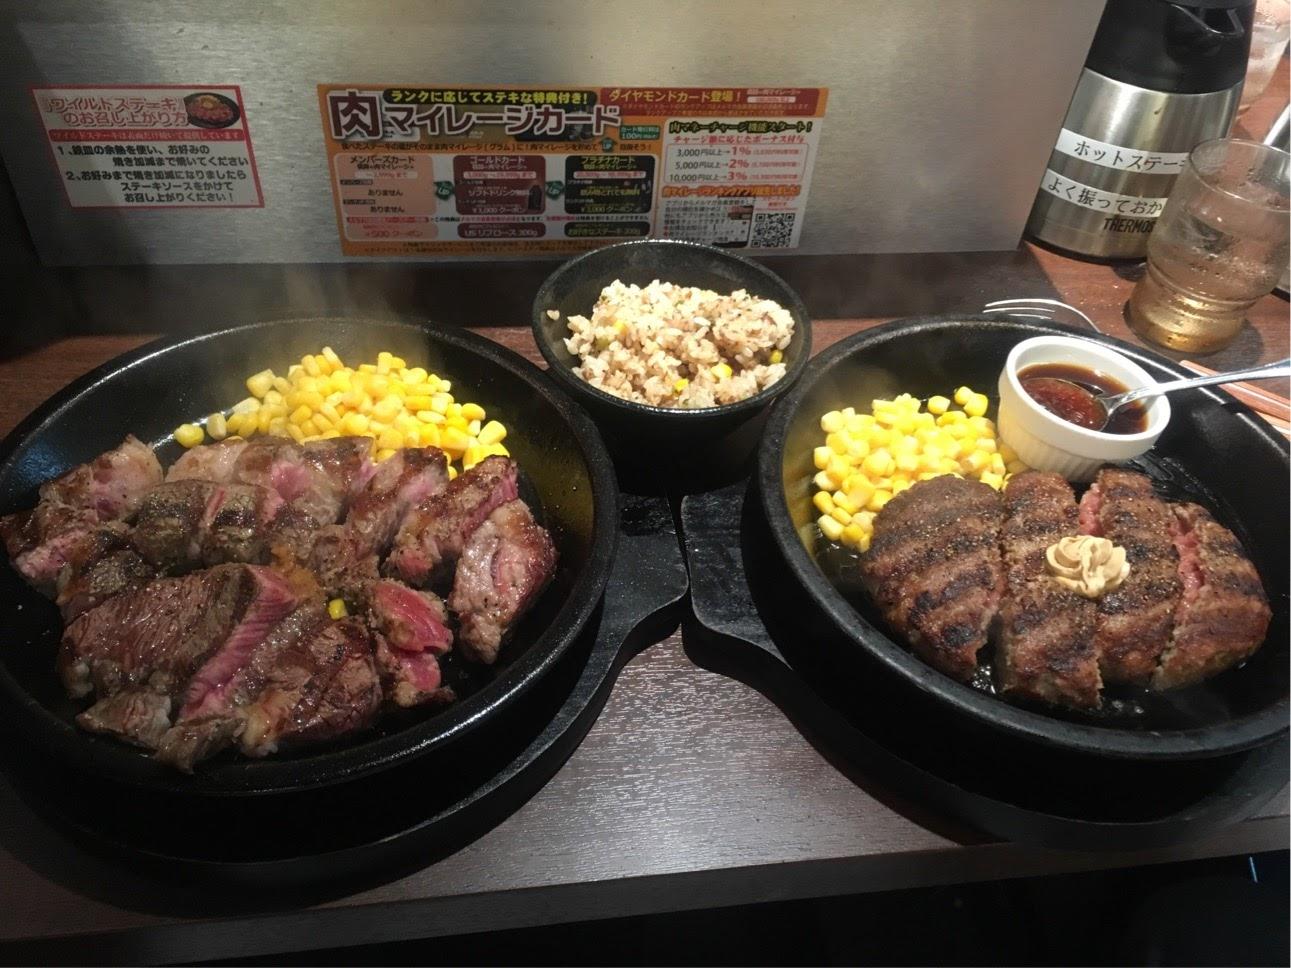 いきなりステーキのワイルドステーキ450g+ハンバーグ300g